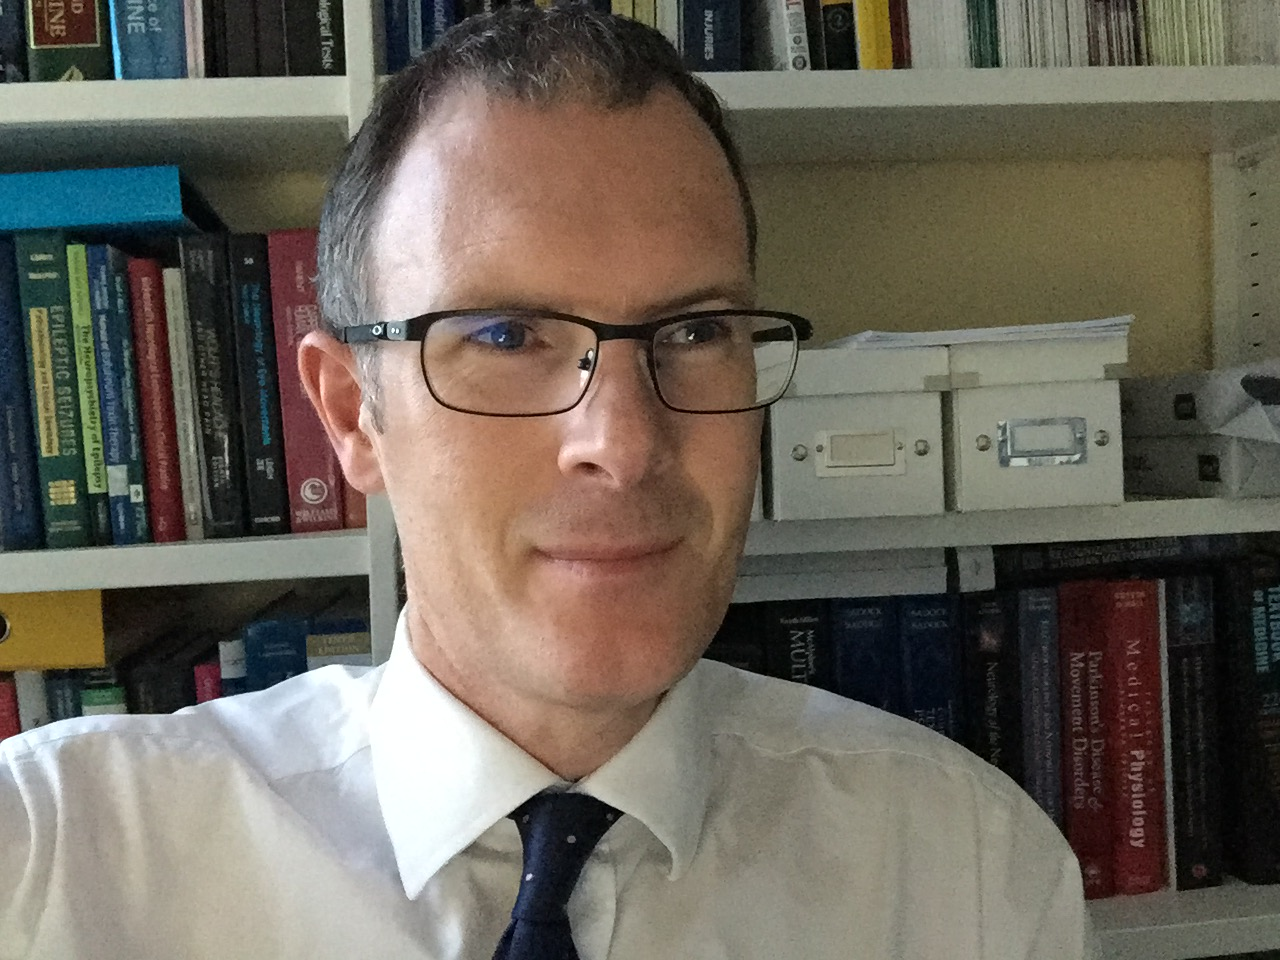 UCC Research Profiles: Daniel Costello, Medicine